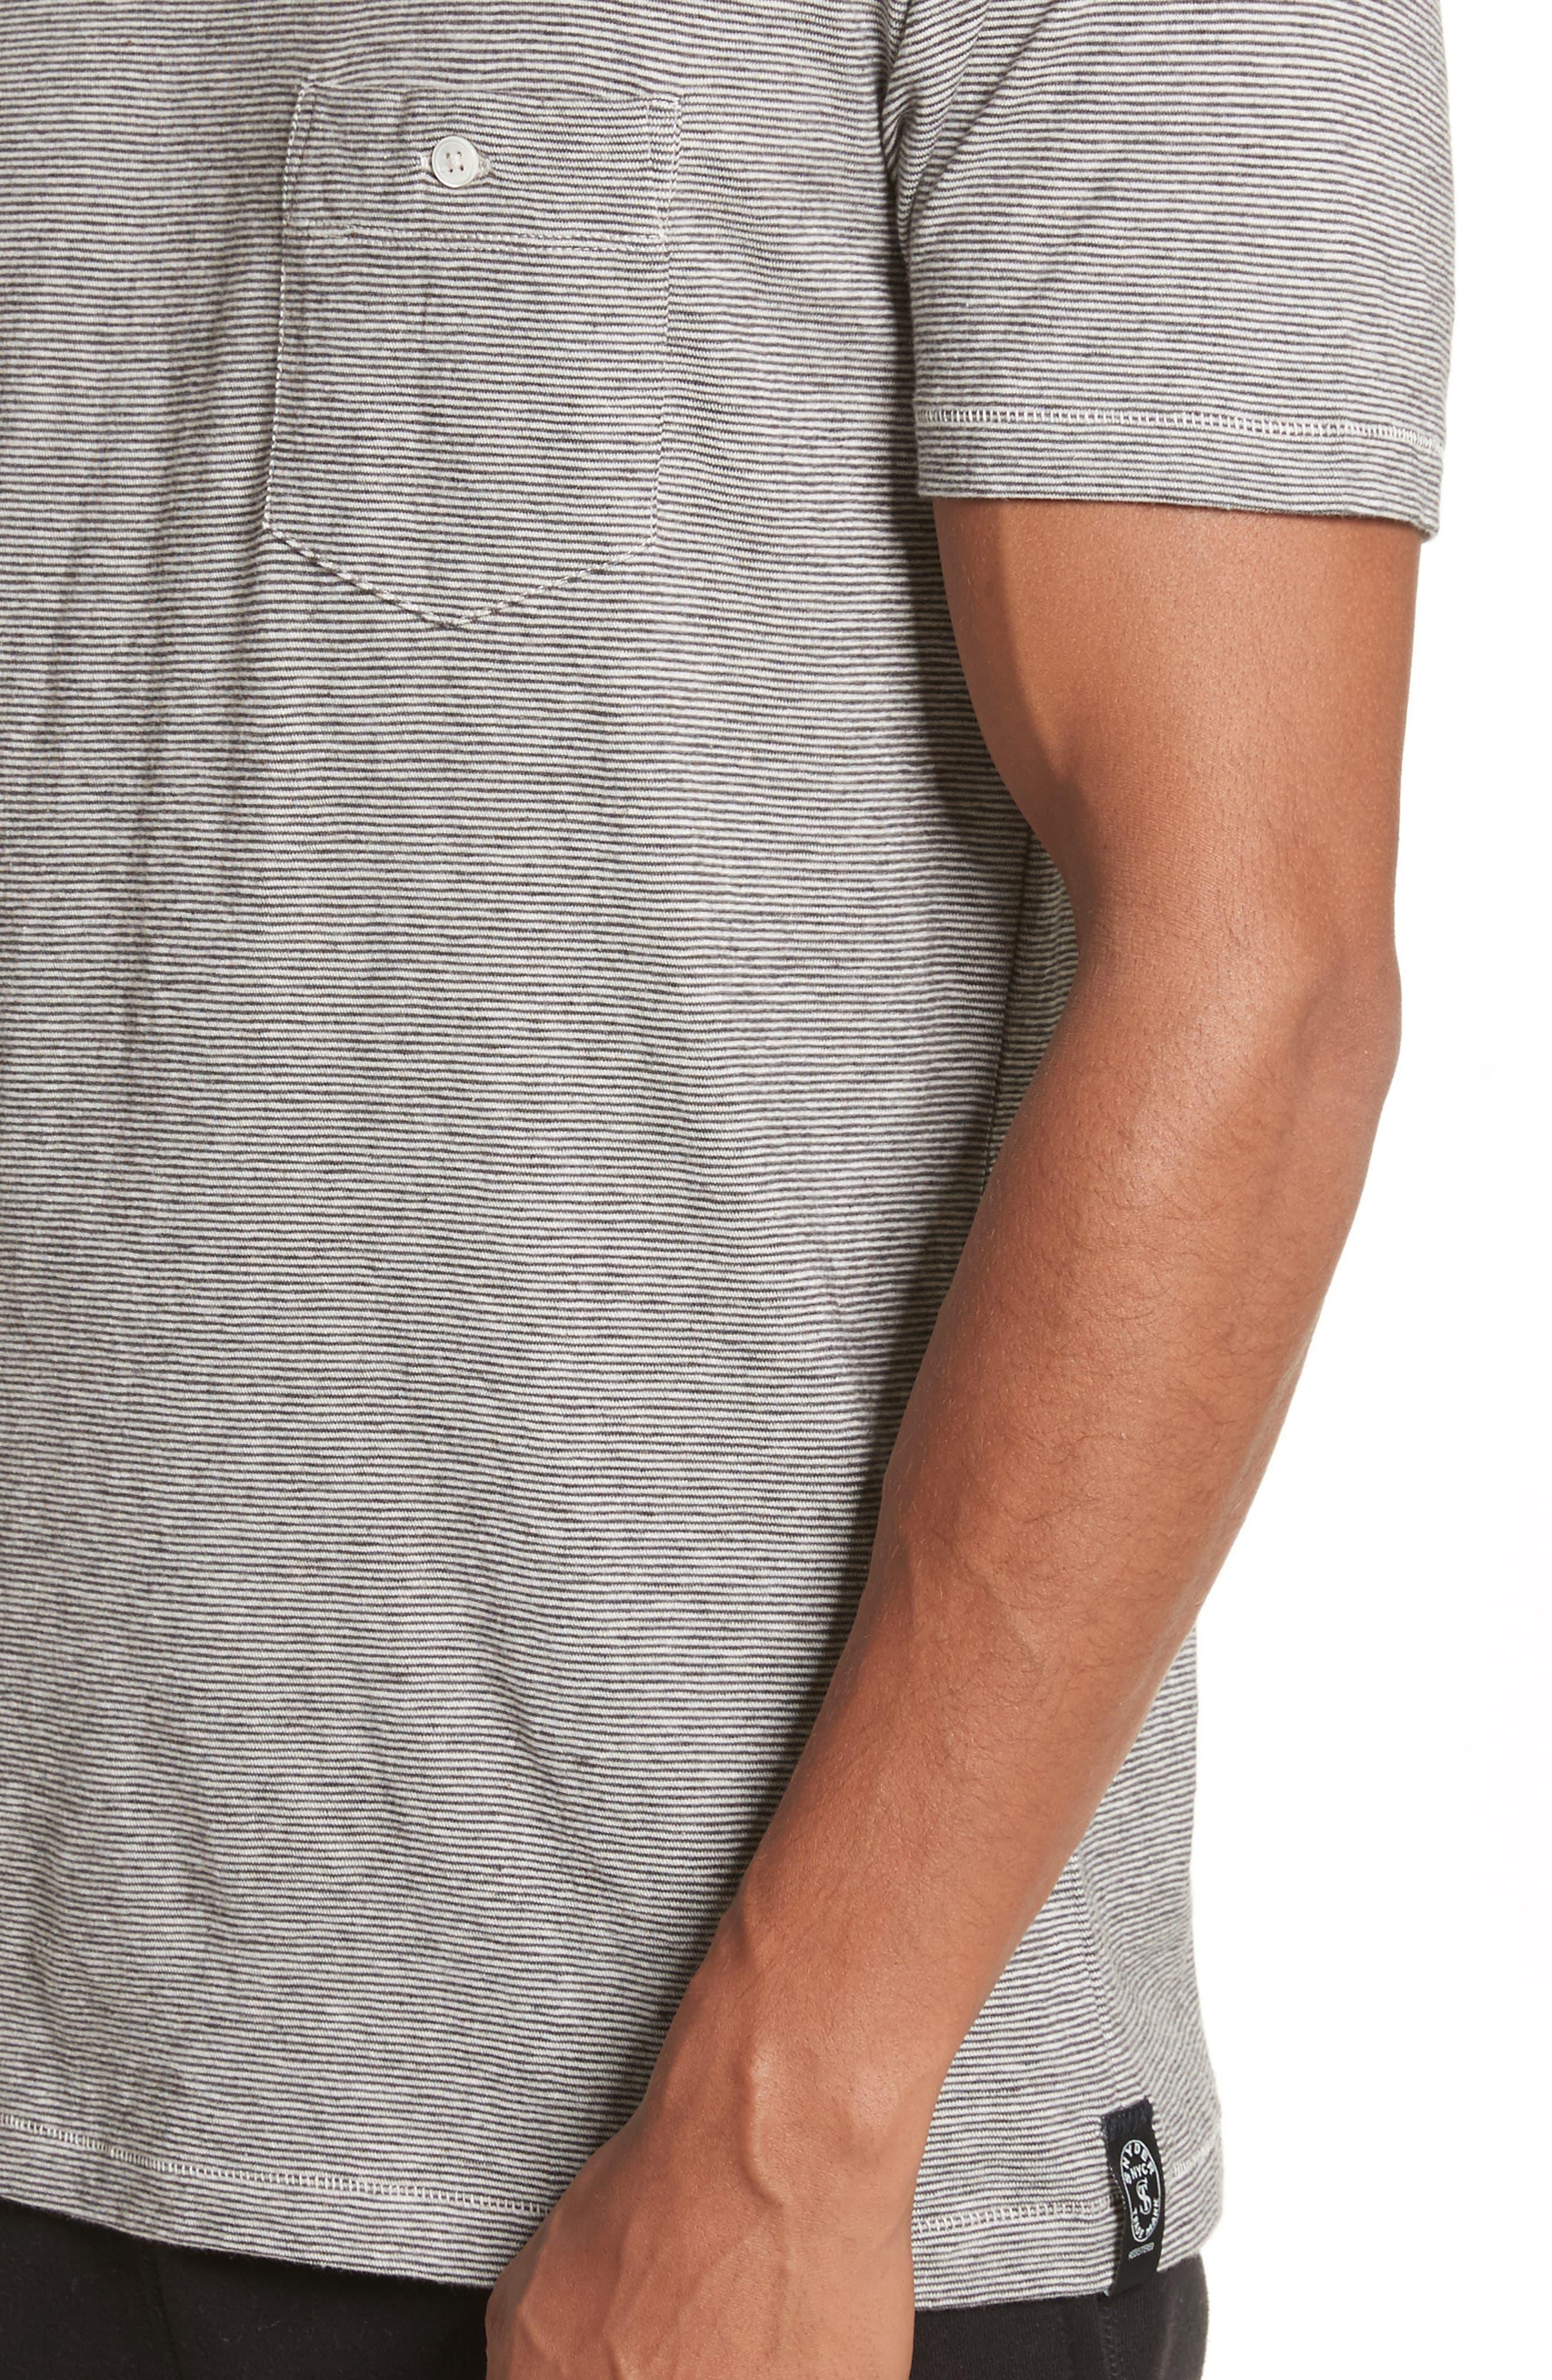 Microstripe Pocket T-Shirt,                             Alternate thumbnail 4, color,                             Ivory